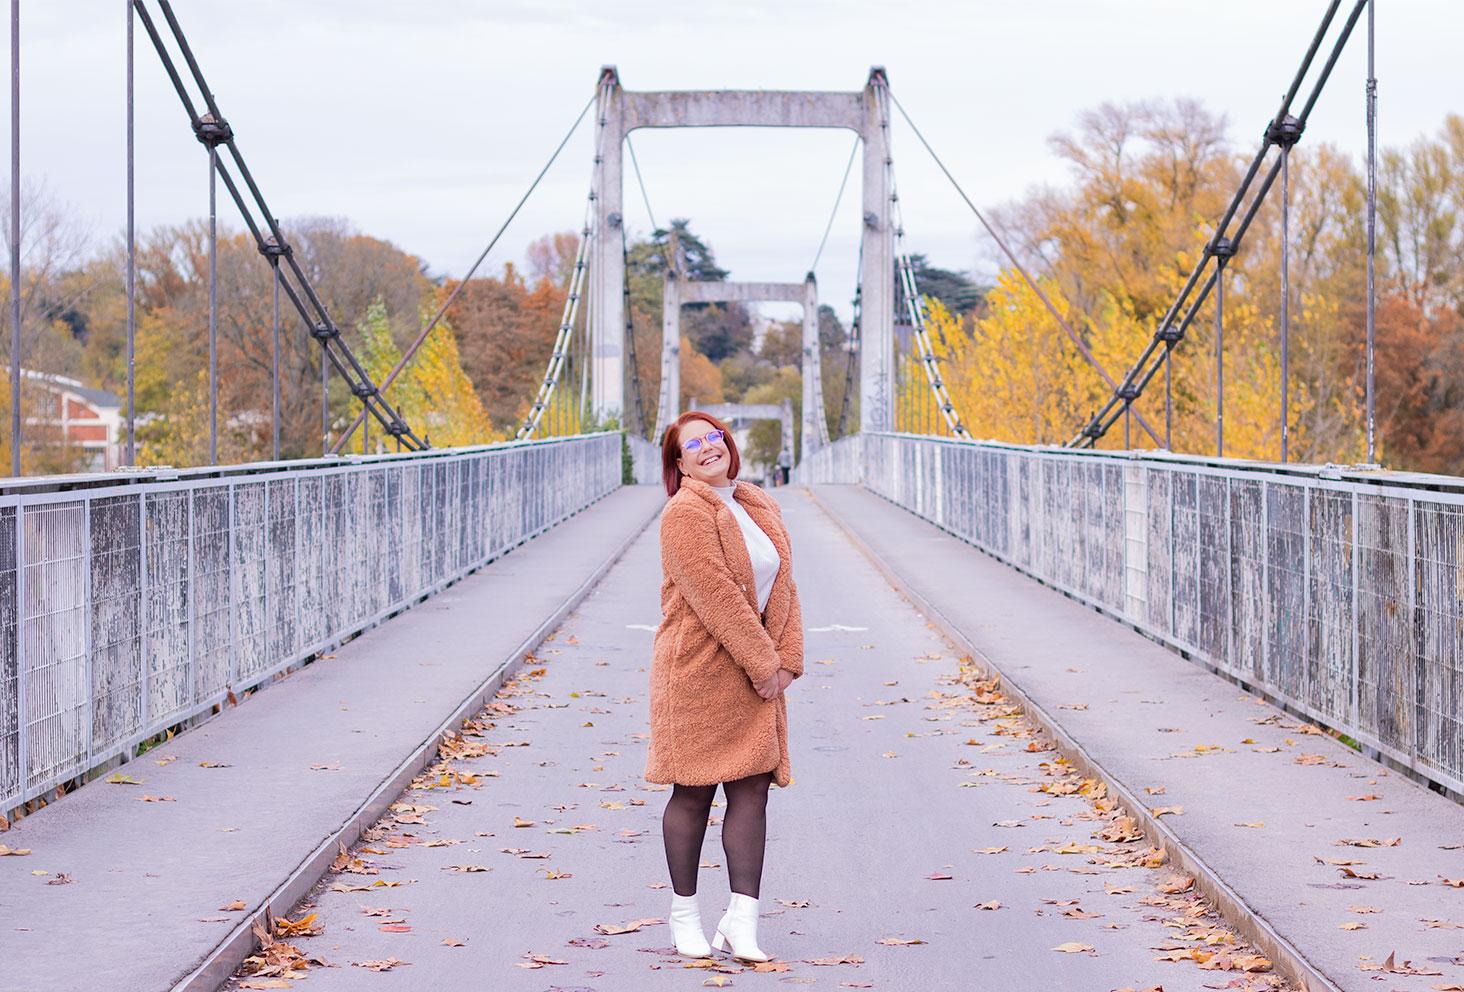 Au milieu d'un pont avec le sourire, en manteau fausse fourrure beige rosé et bottines blanches